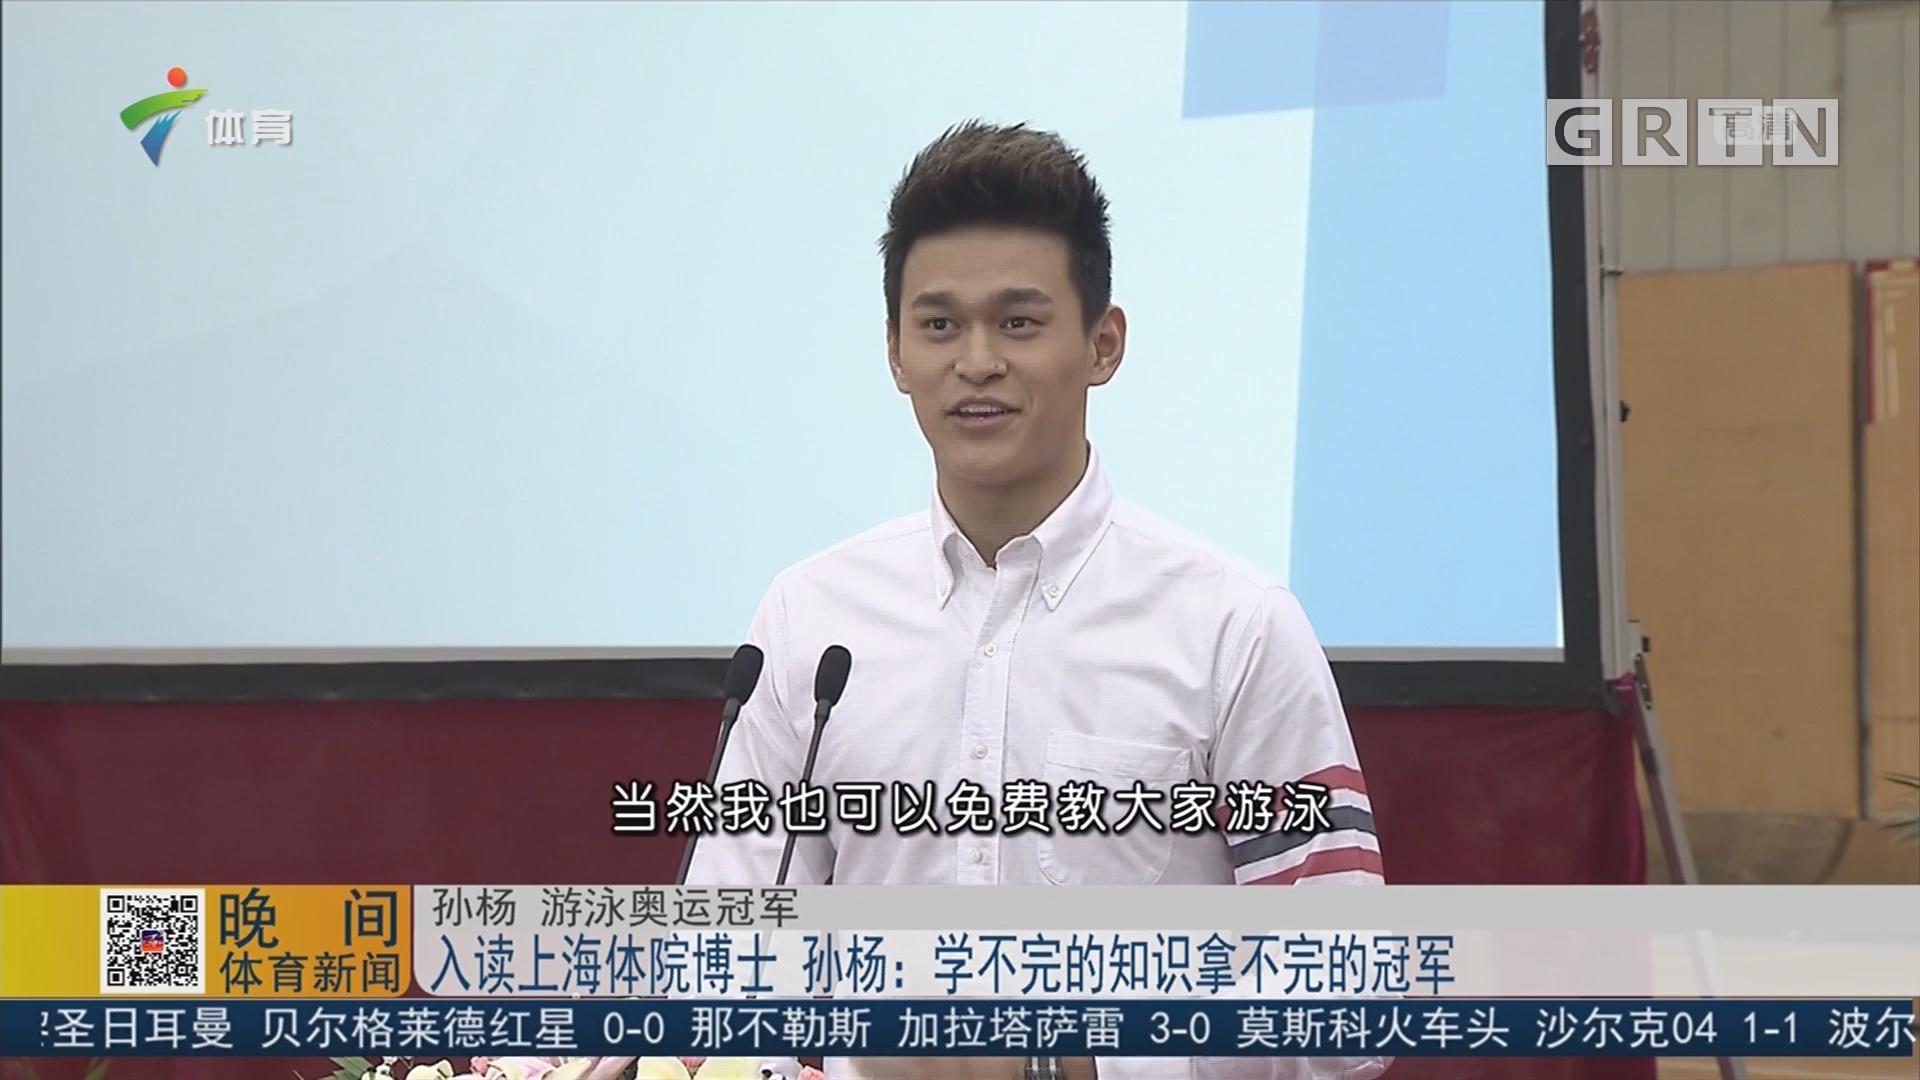 入讀上海體院博士 孫楊:學不完的知識拿不完的冠軍